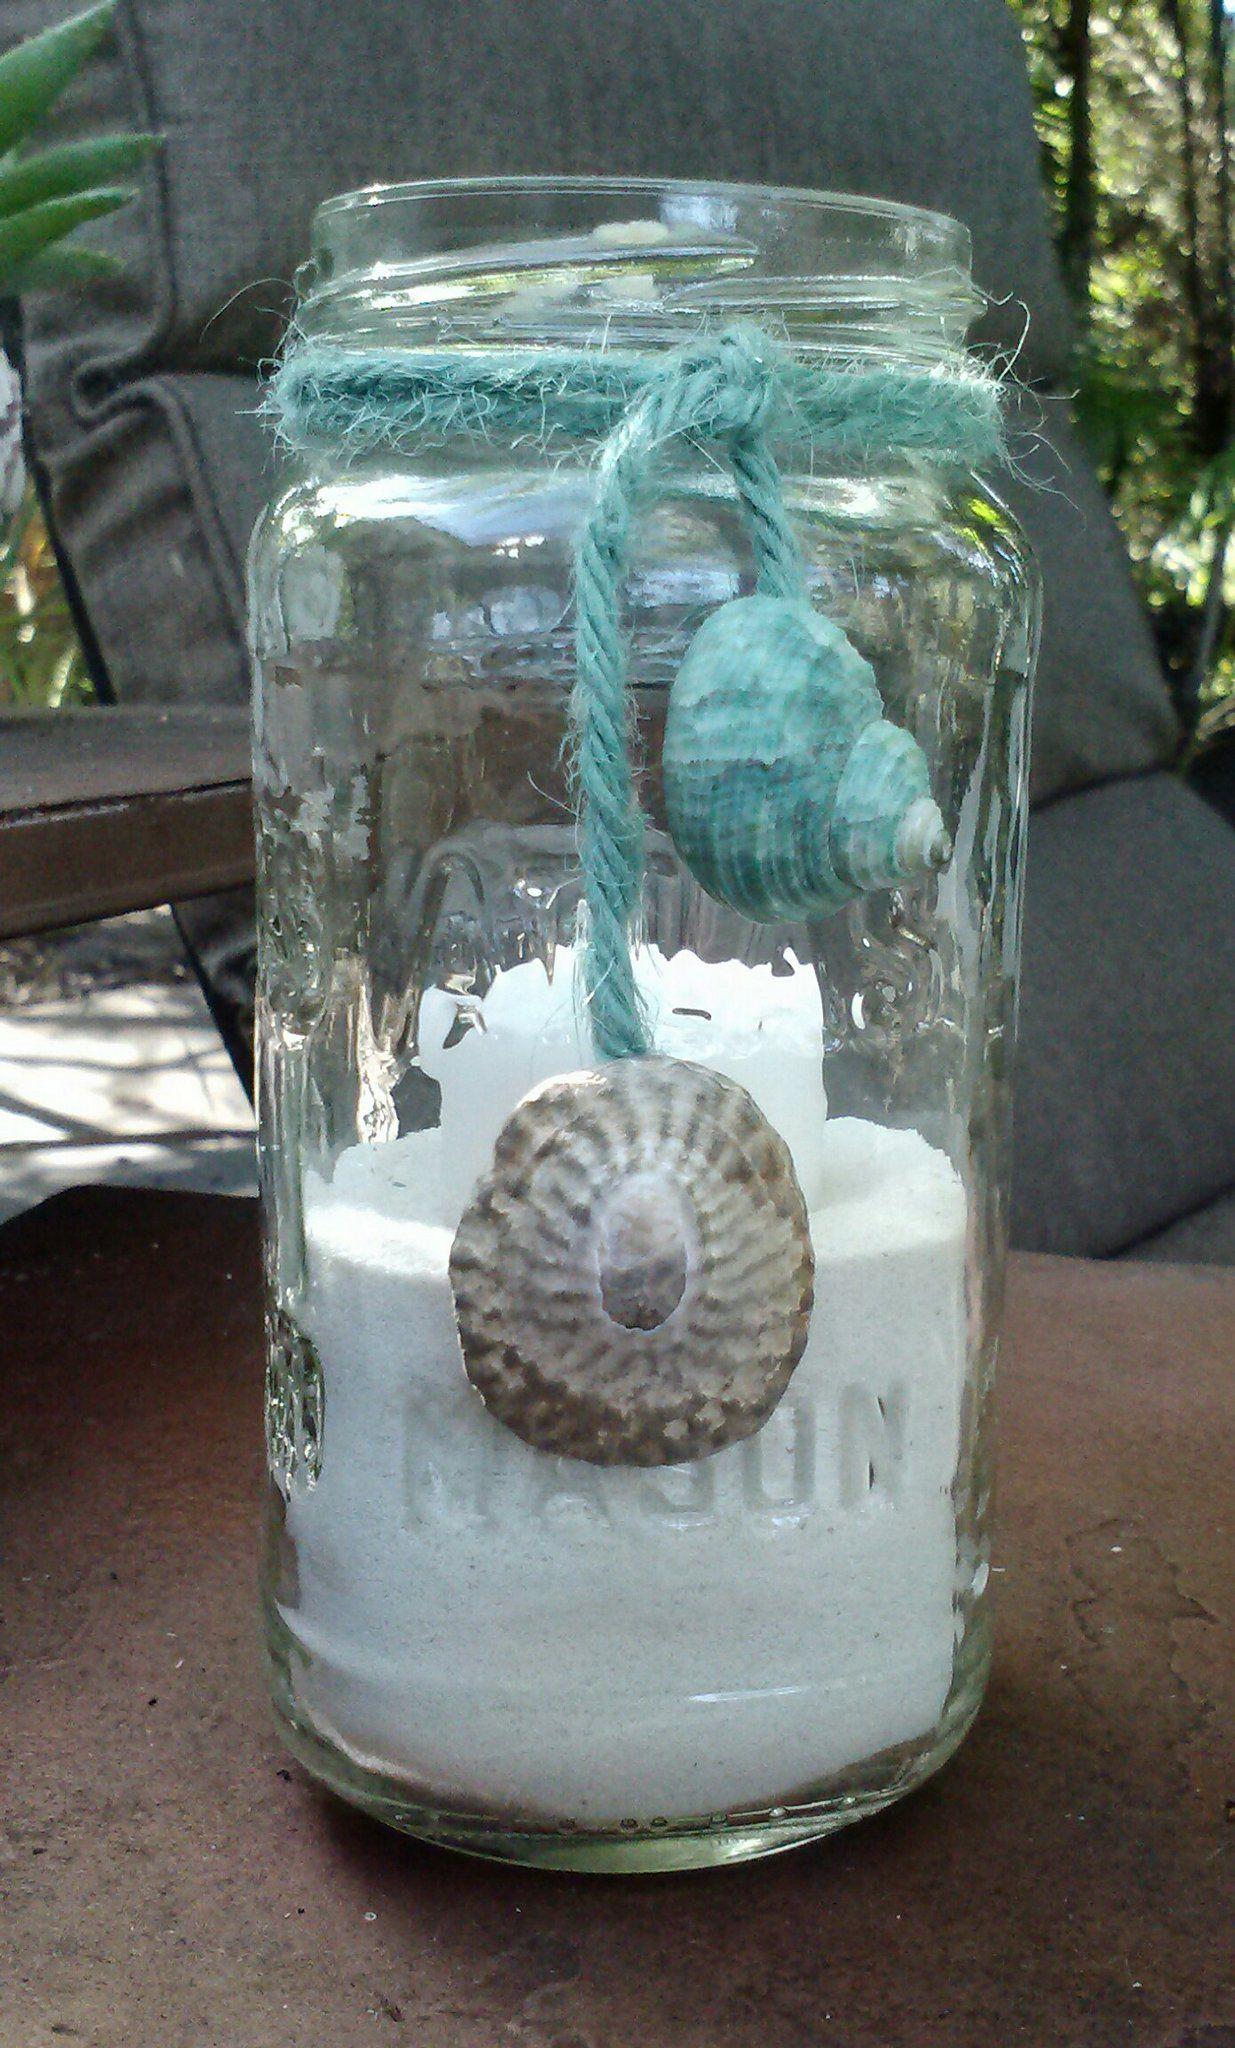 Upcycled Mason Jar Candle Holder With Turquoise Jute Large